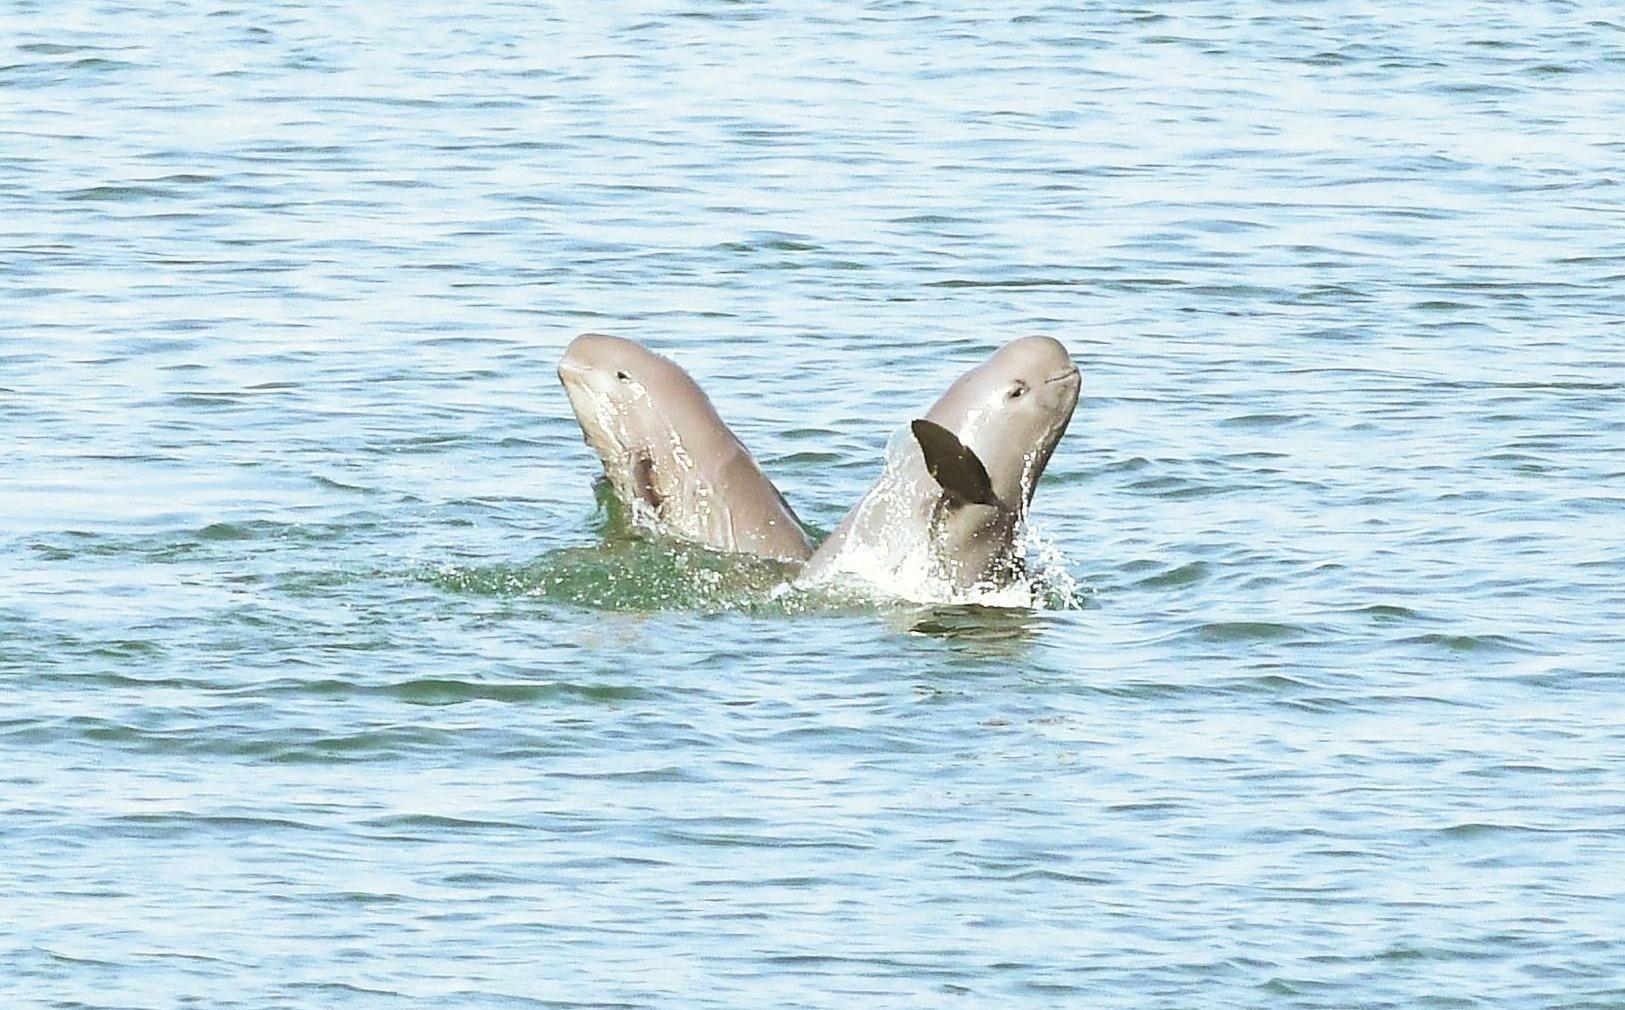 江豚舞起水上芭蕾